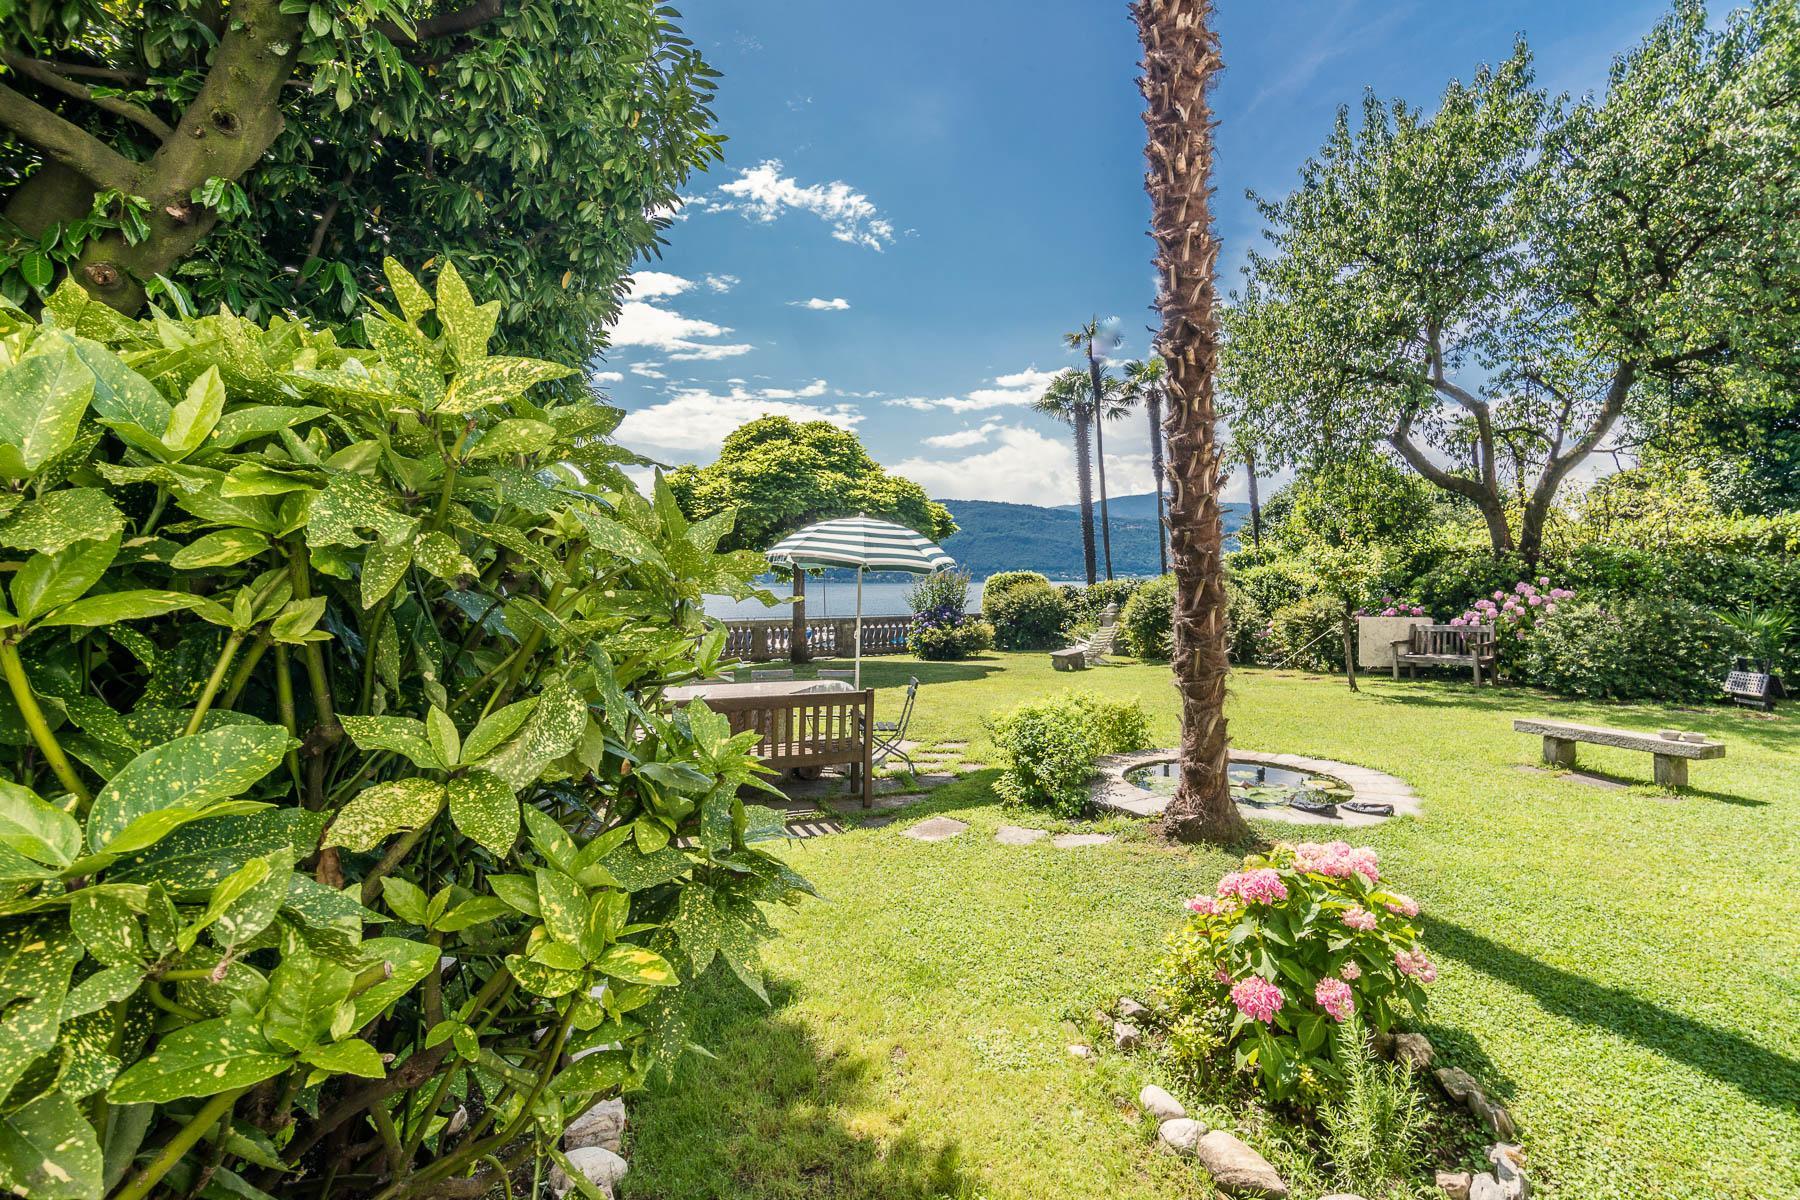 Casa storica direttamente sul lago Maggiore - 46